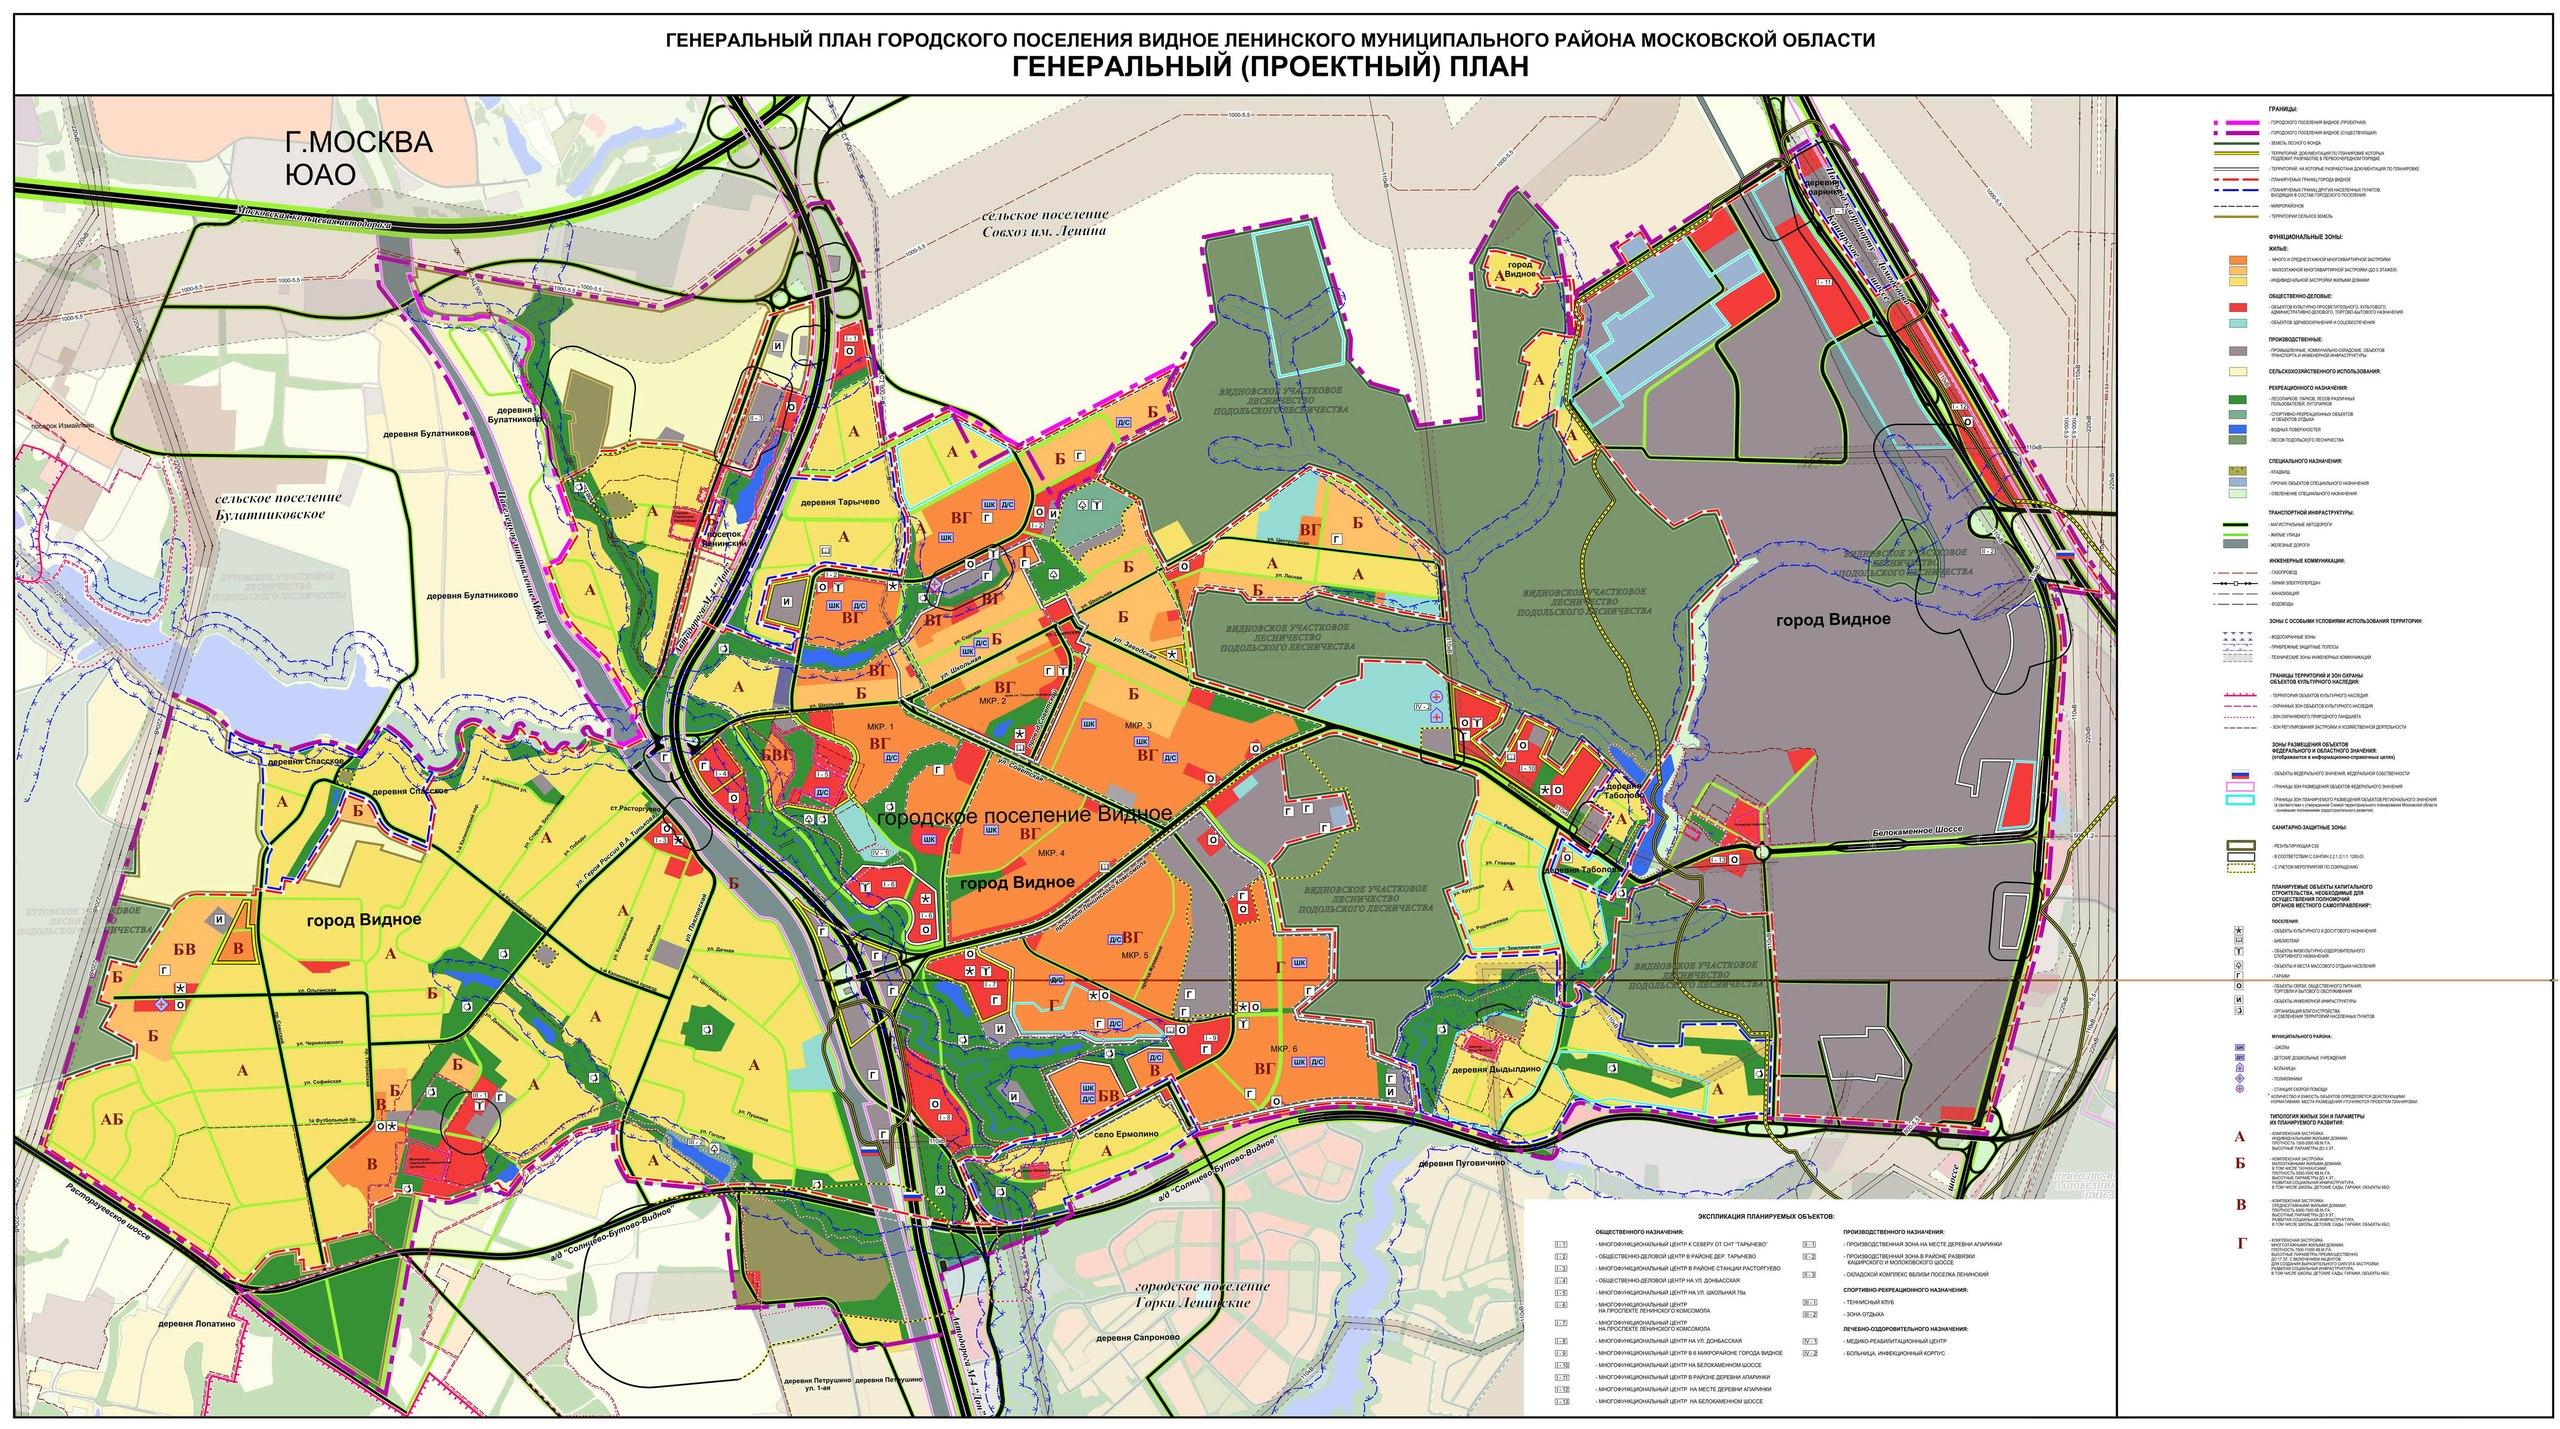 план развития города видное до 2020 фото